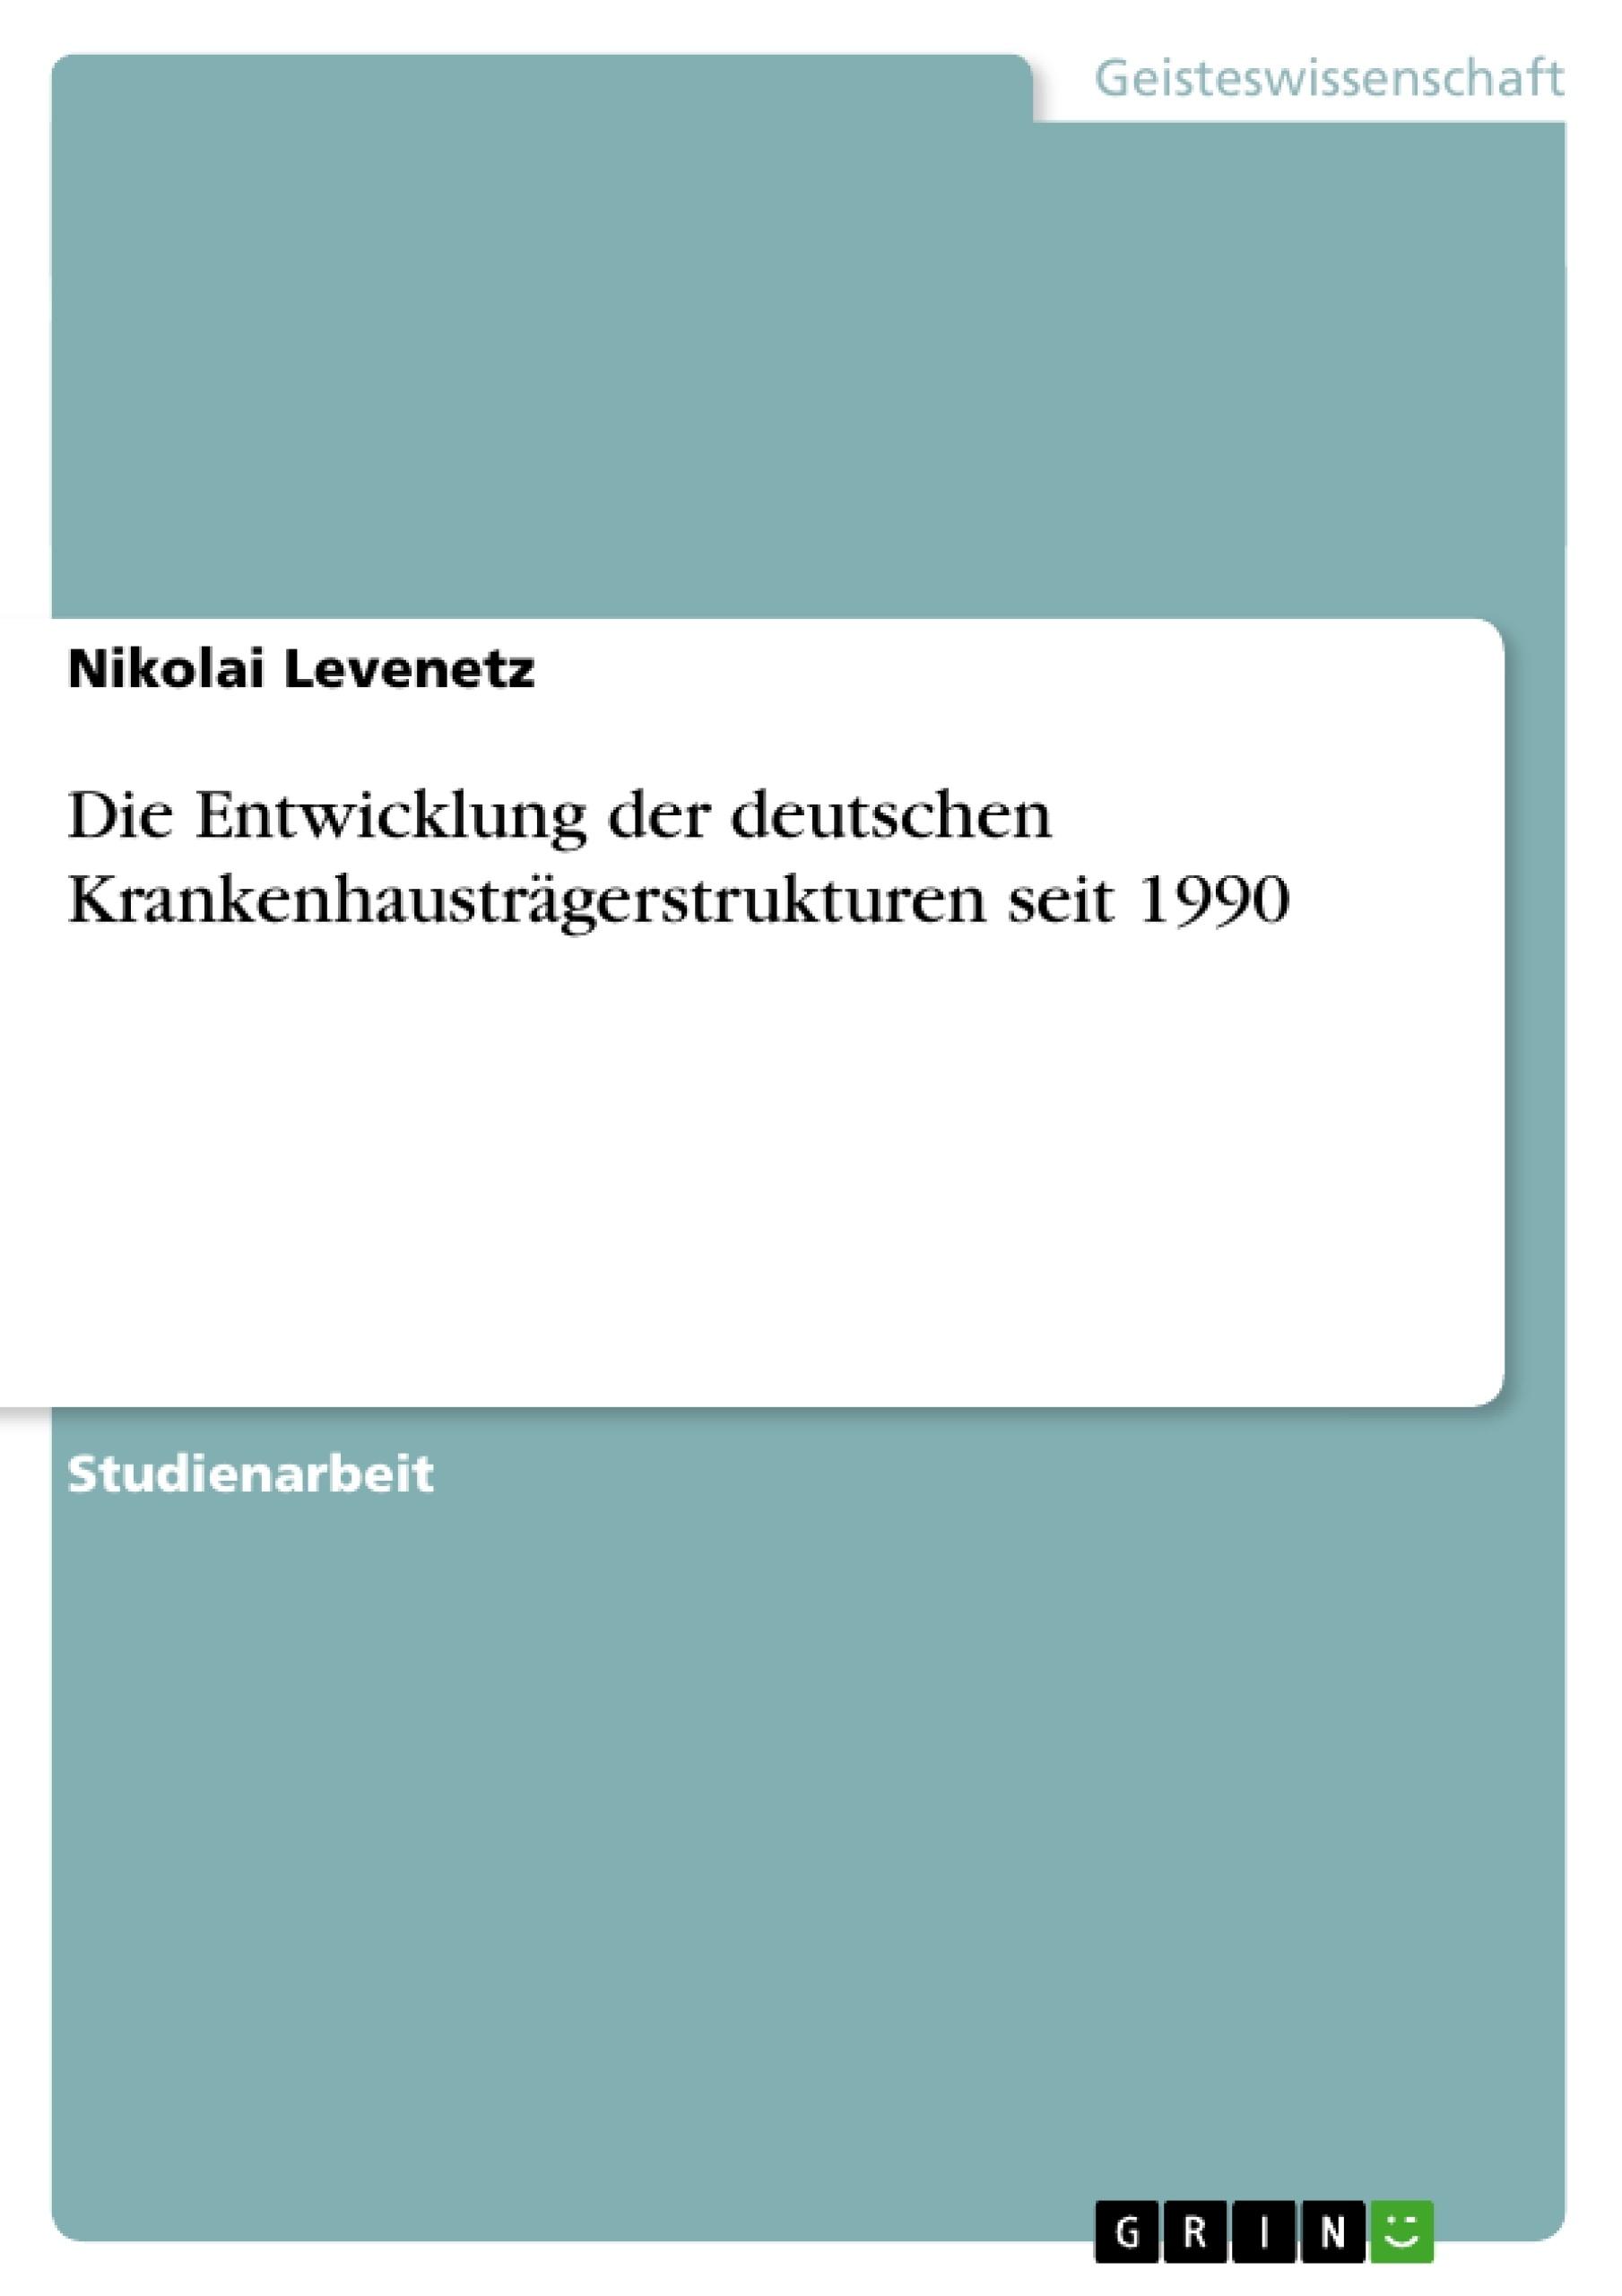 Titel: Die Entwicklung der deutschen Krankenhausträgerstrukturen seit 1990